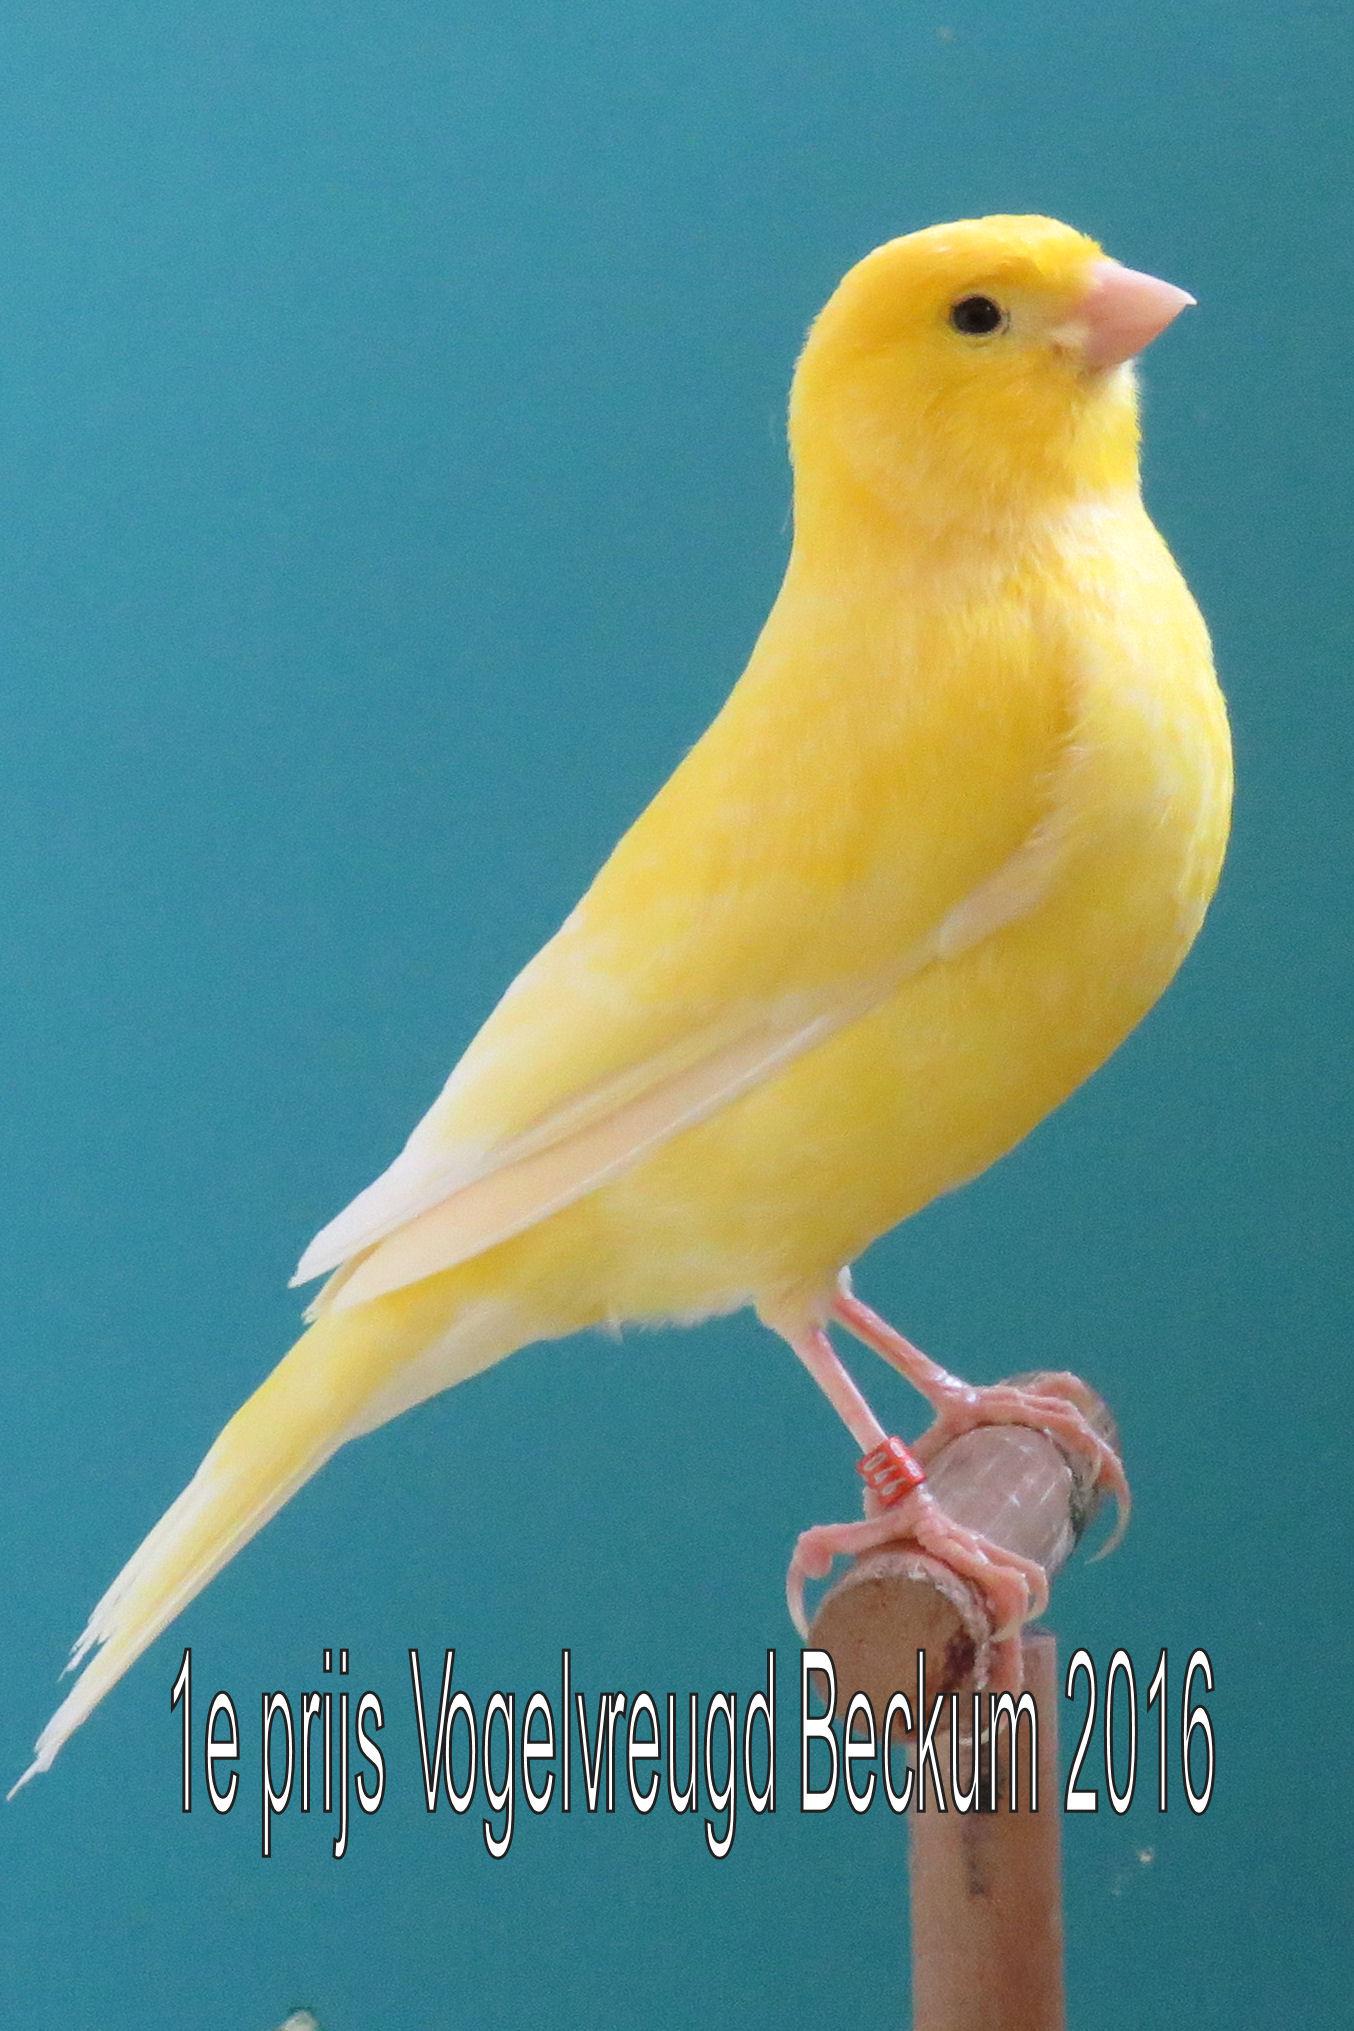 VogelvreugdBeckum2016 Wit geel 1e